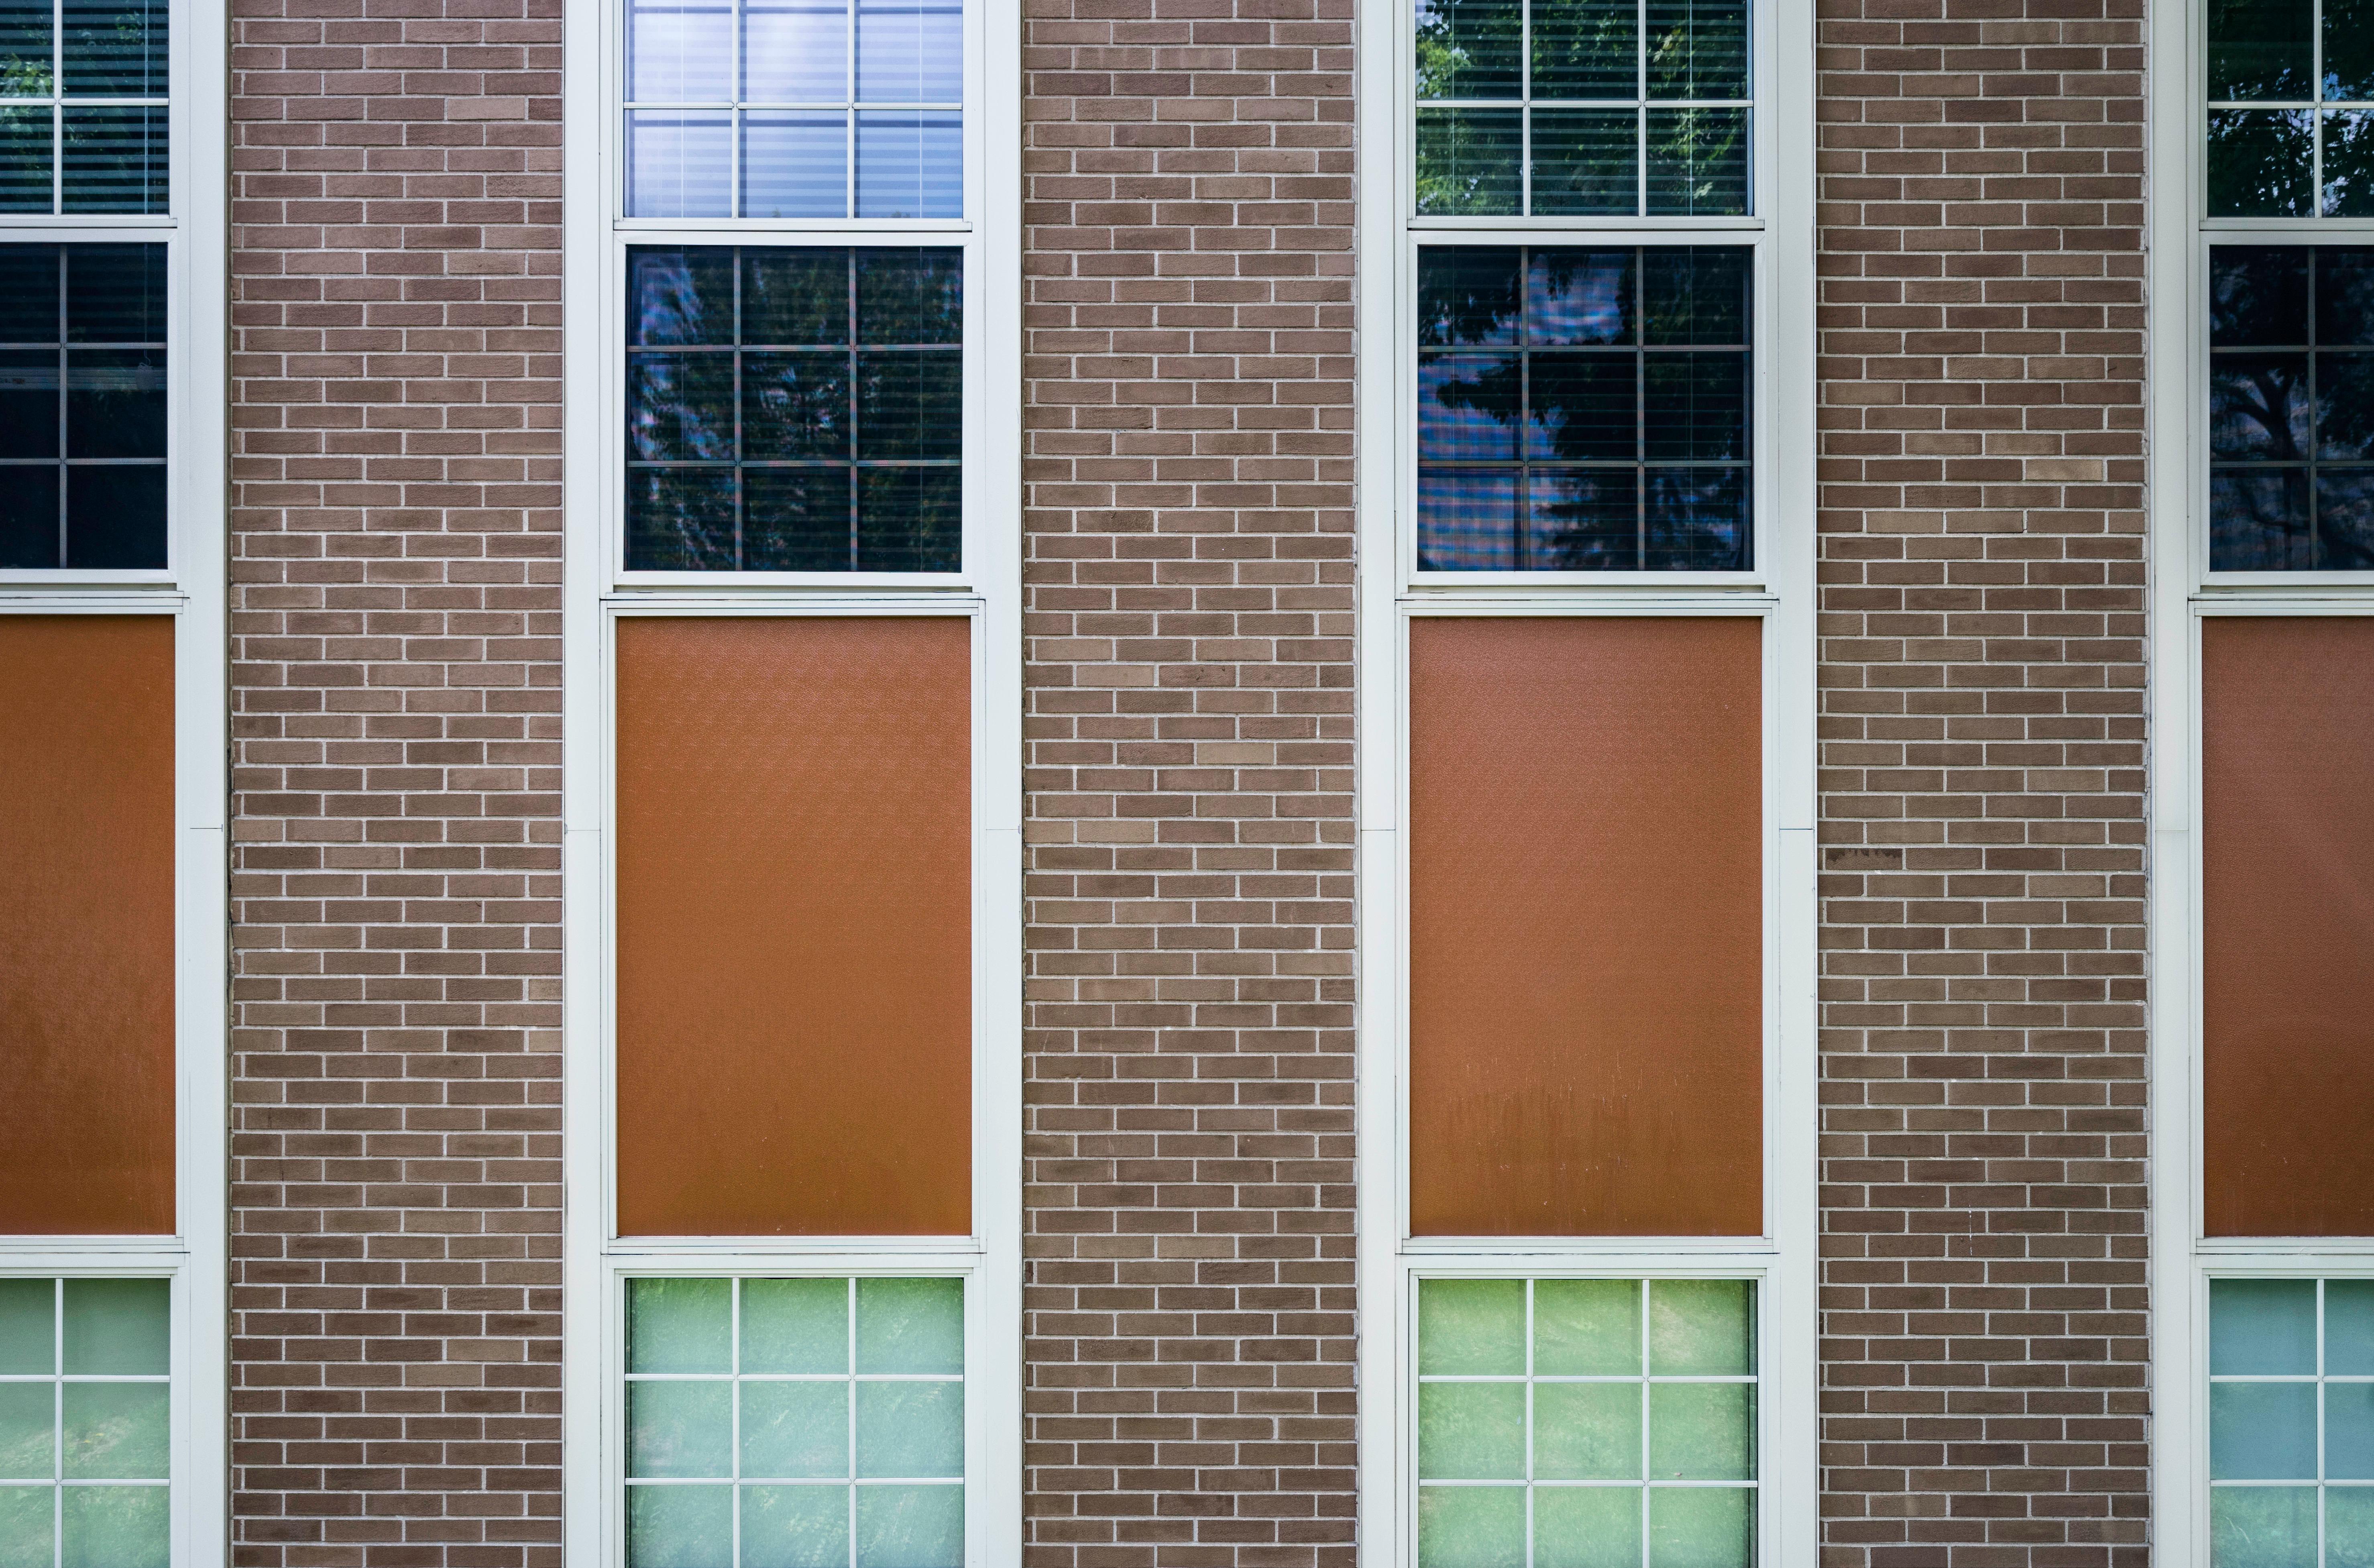 Gratis billeder : arkitektur, glas, hjem, væg, altan, farve, facade ...